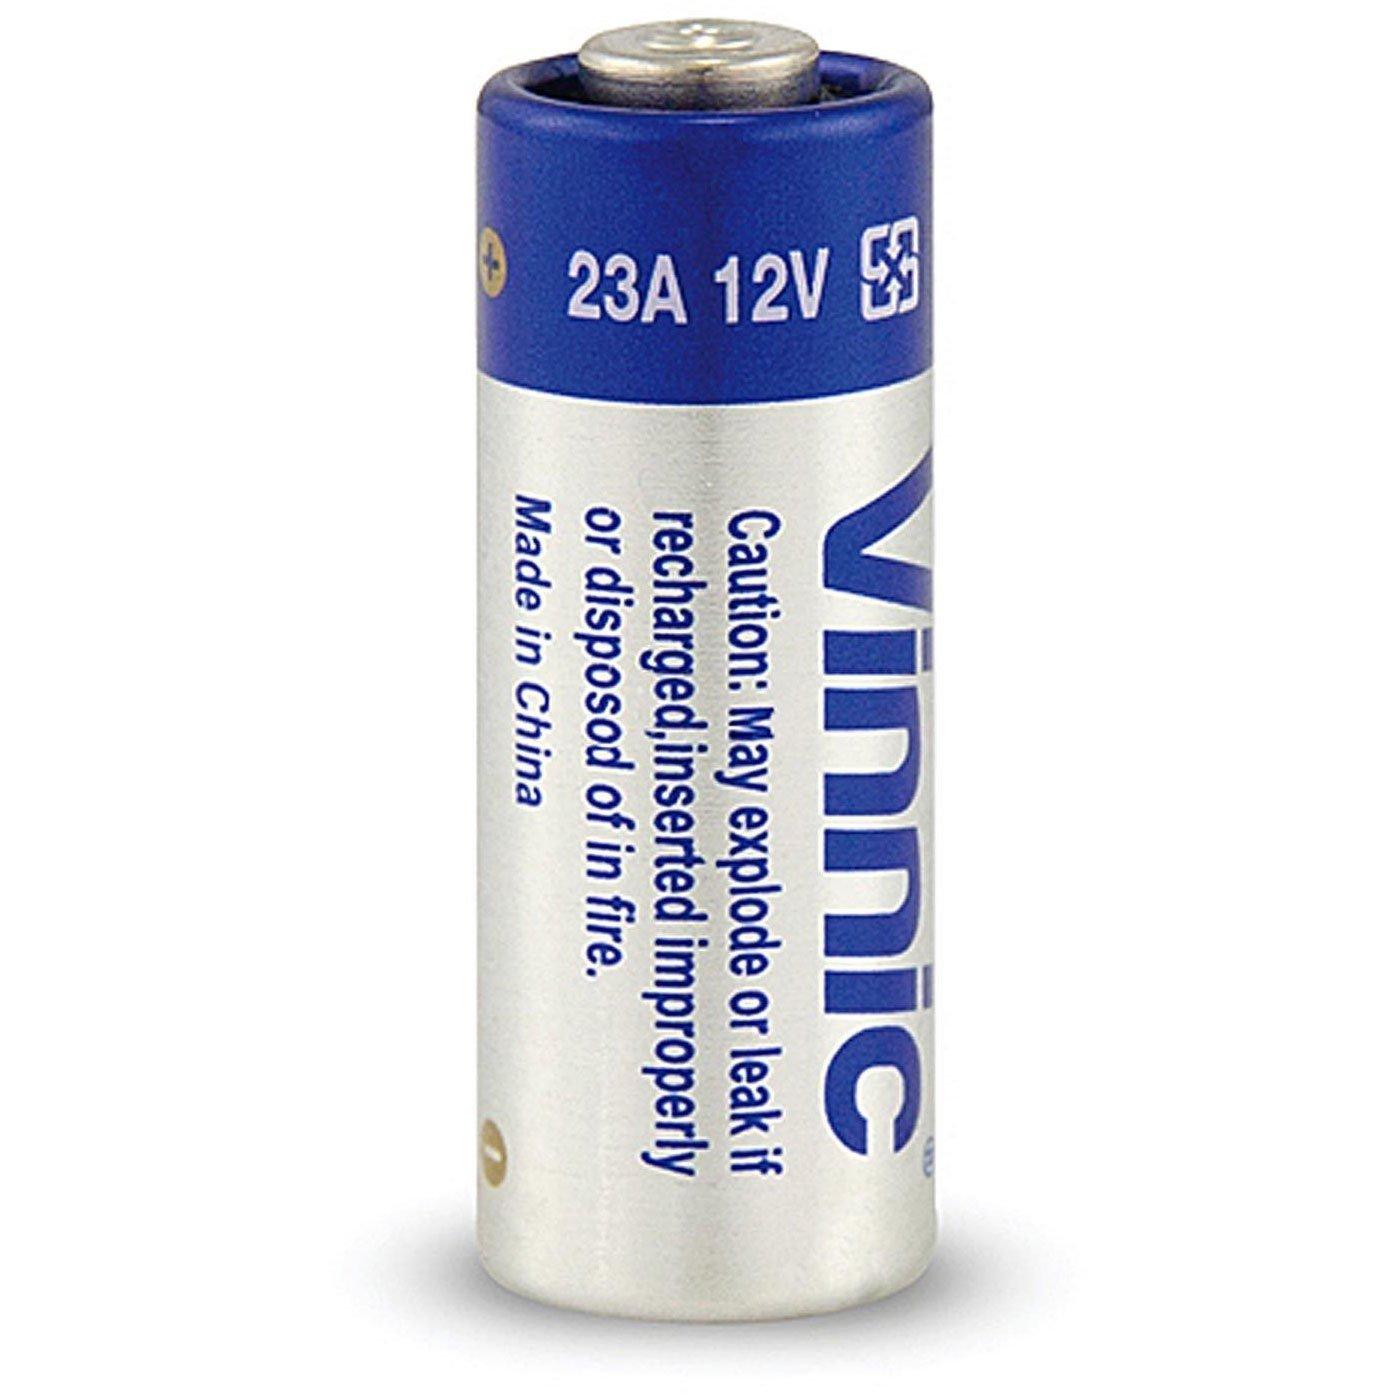 A23 12 Volt Alkaline Battery  5991d4fc759e2